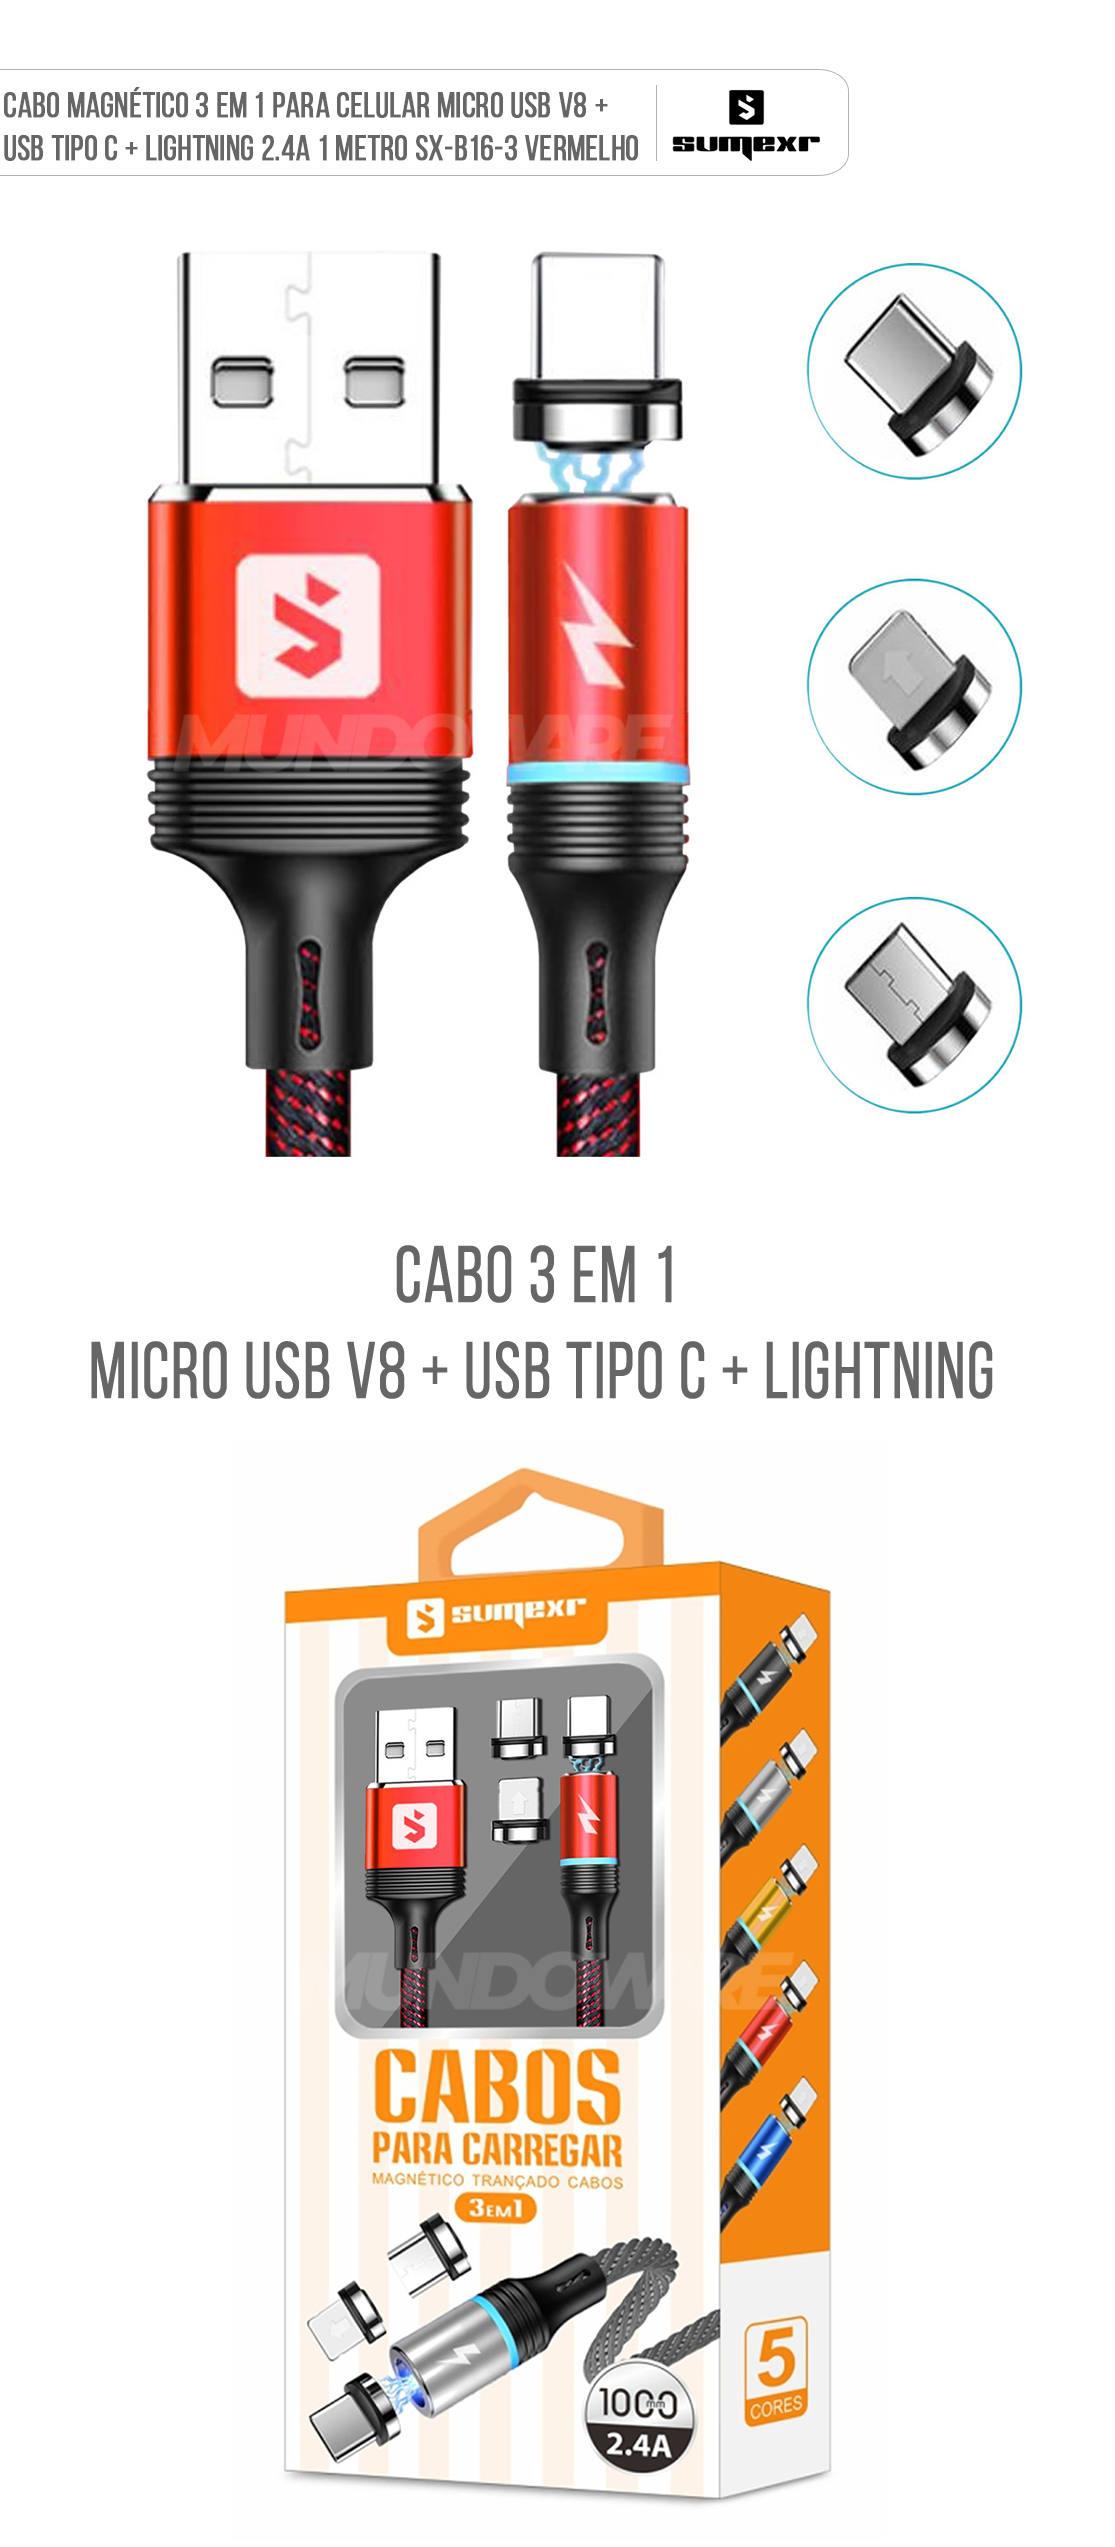 Cabo Magnético 3 em 1 para Celular Micro USB V8 + USB Tipo C + Lightning 2.4A 1 metro SX-B16-3 Vermelho